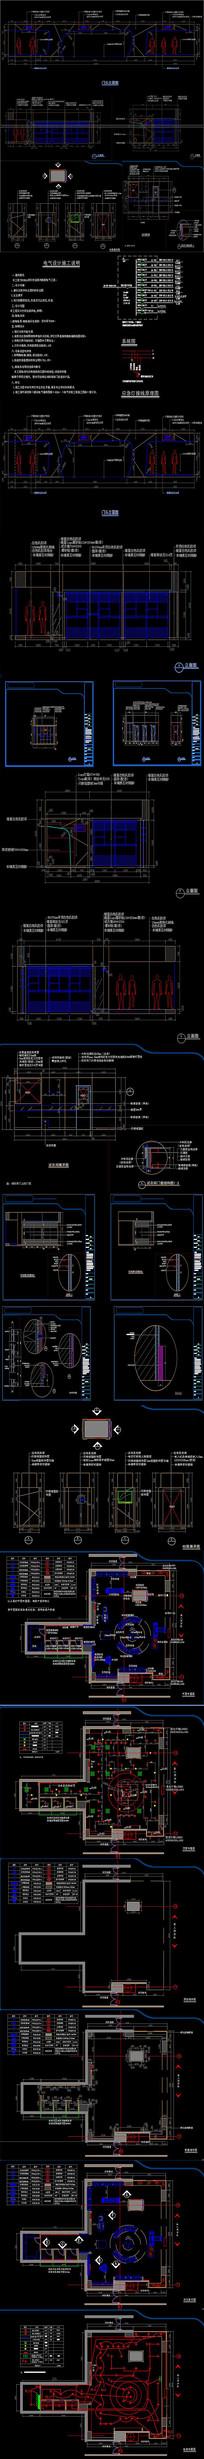 某运动品牌专卖店CAD图纸